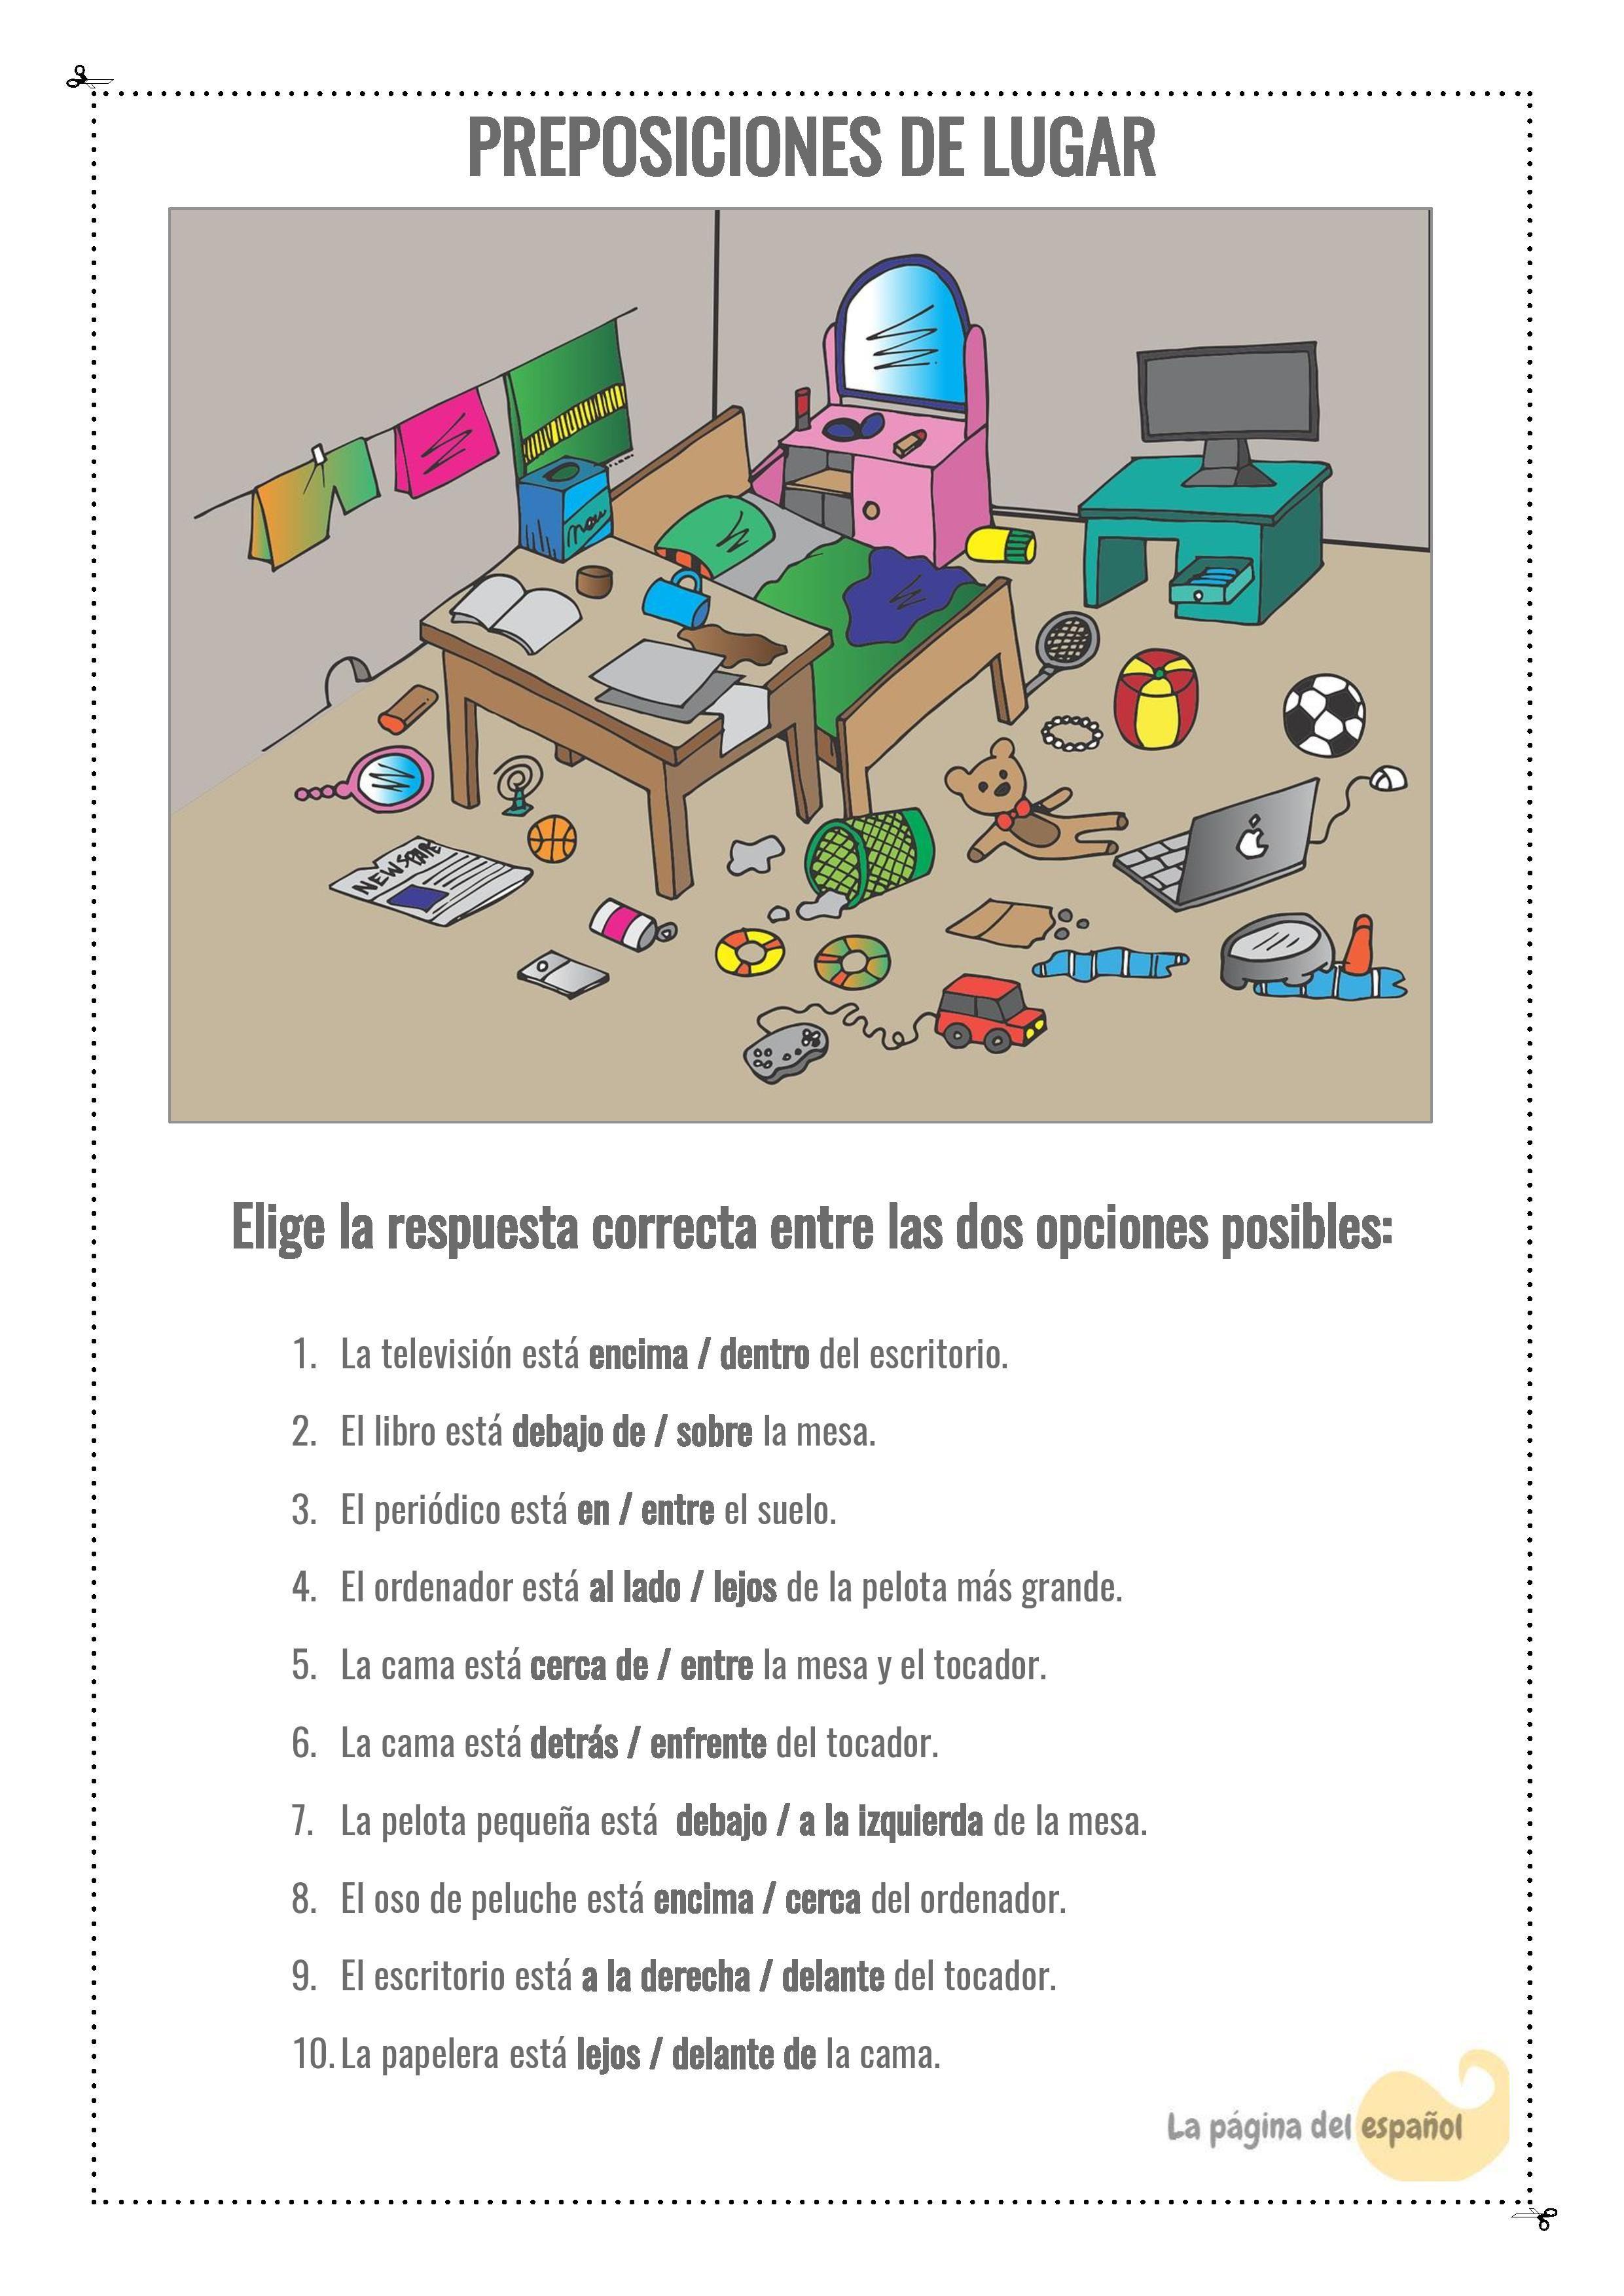 Preposiciones De Lugar La Pagina Del Espanol